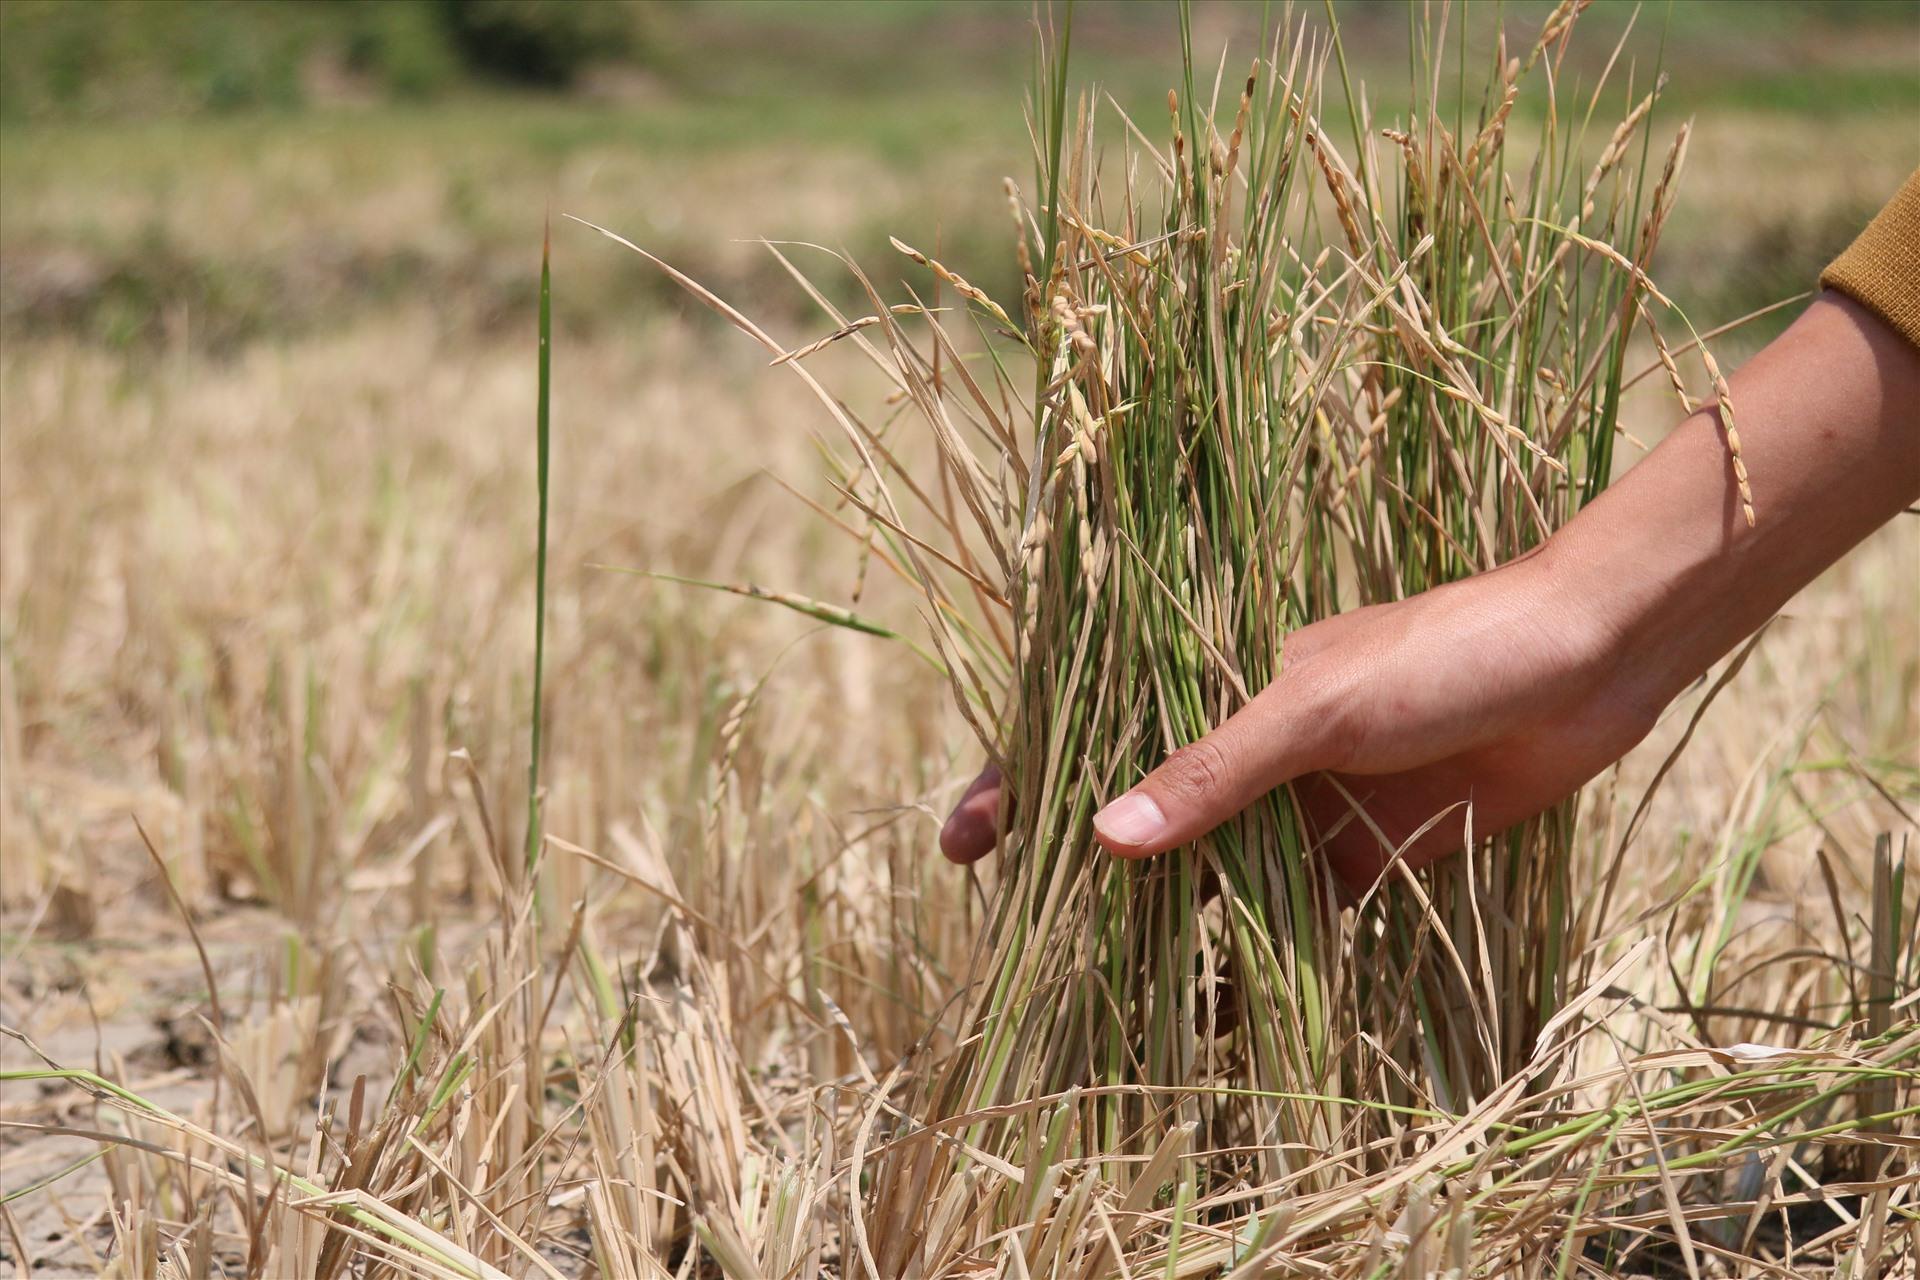 Theo Theo thống kê của Phòng Nông nghiệp và Phát triển nông thôn huyện Krông Bông, toàn huyện có 260ha cây trồng ngắn ngày bị khô hạn, trong đó có đến hơn 150ha lúa nước.